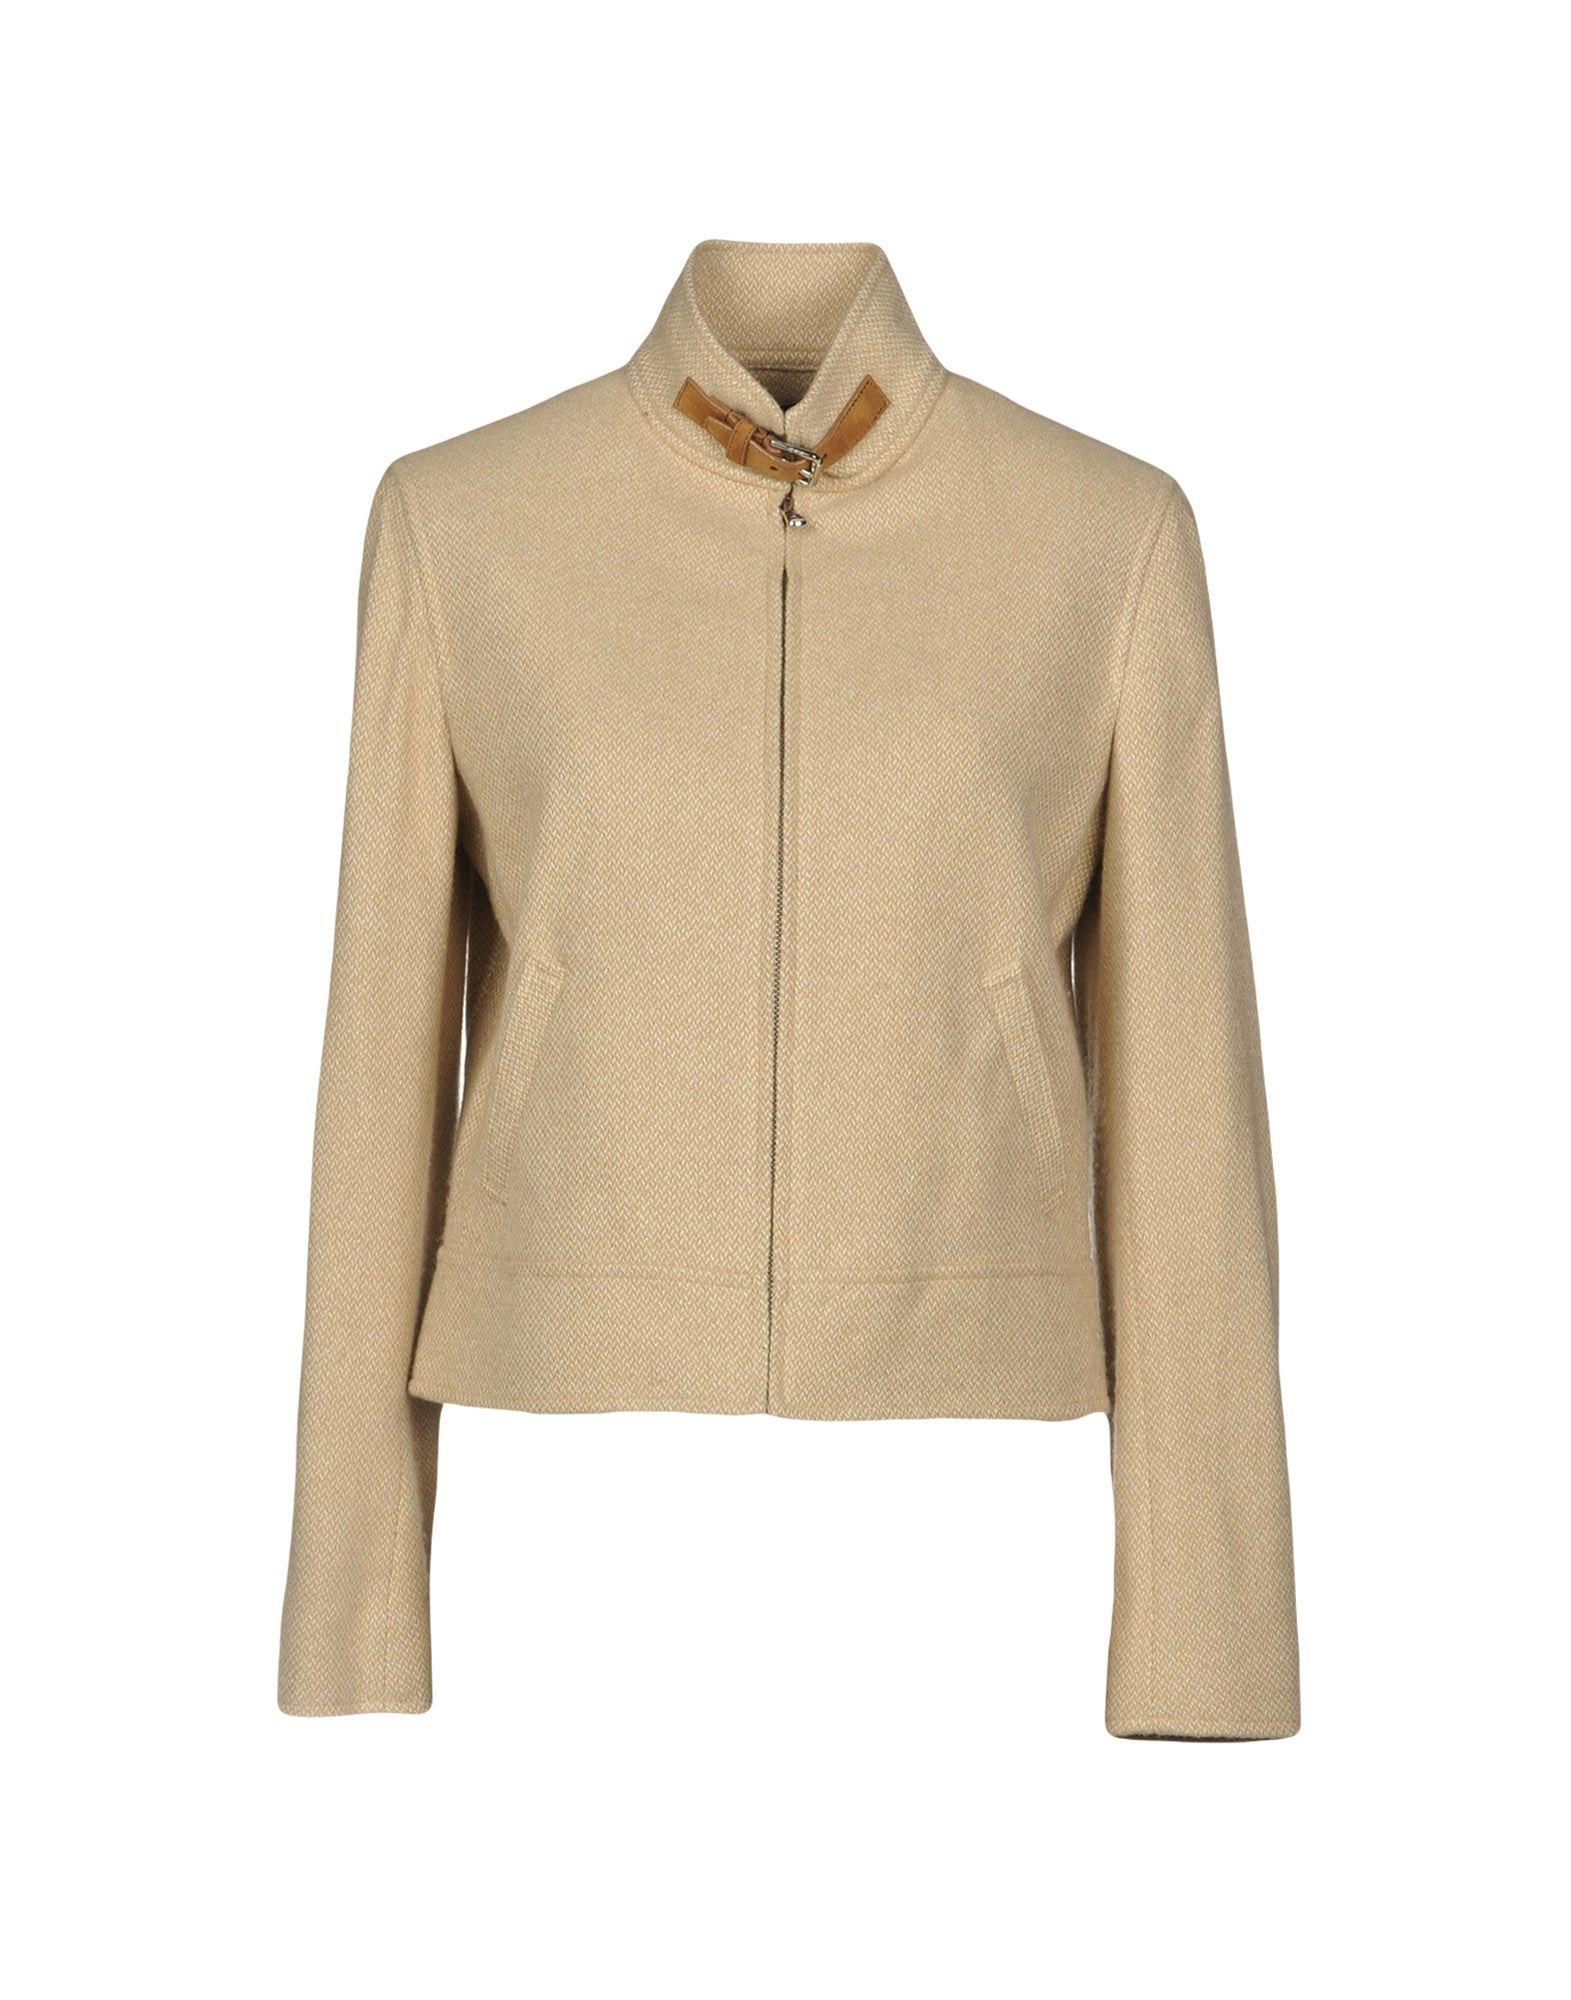 LAUREN RALPH LAUREN Куртка куртка ralph lauren куртки непромокаемые